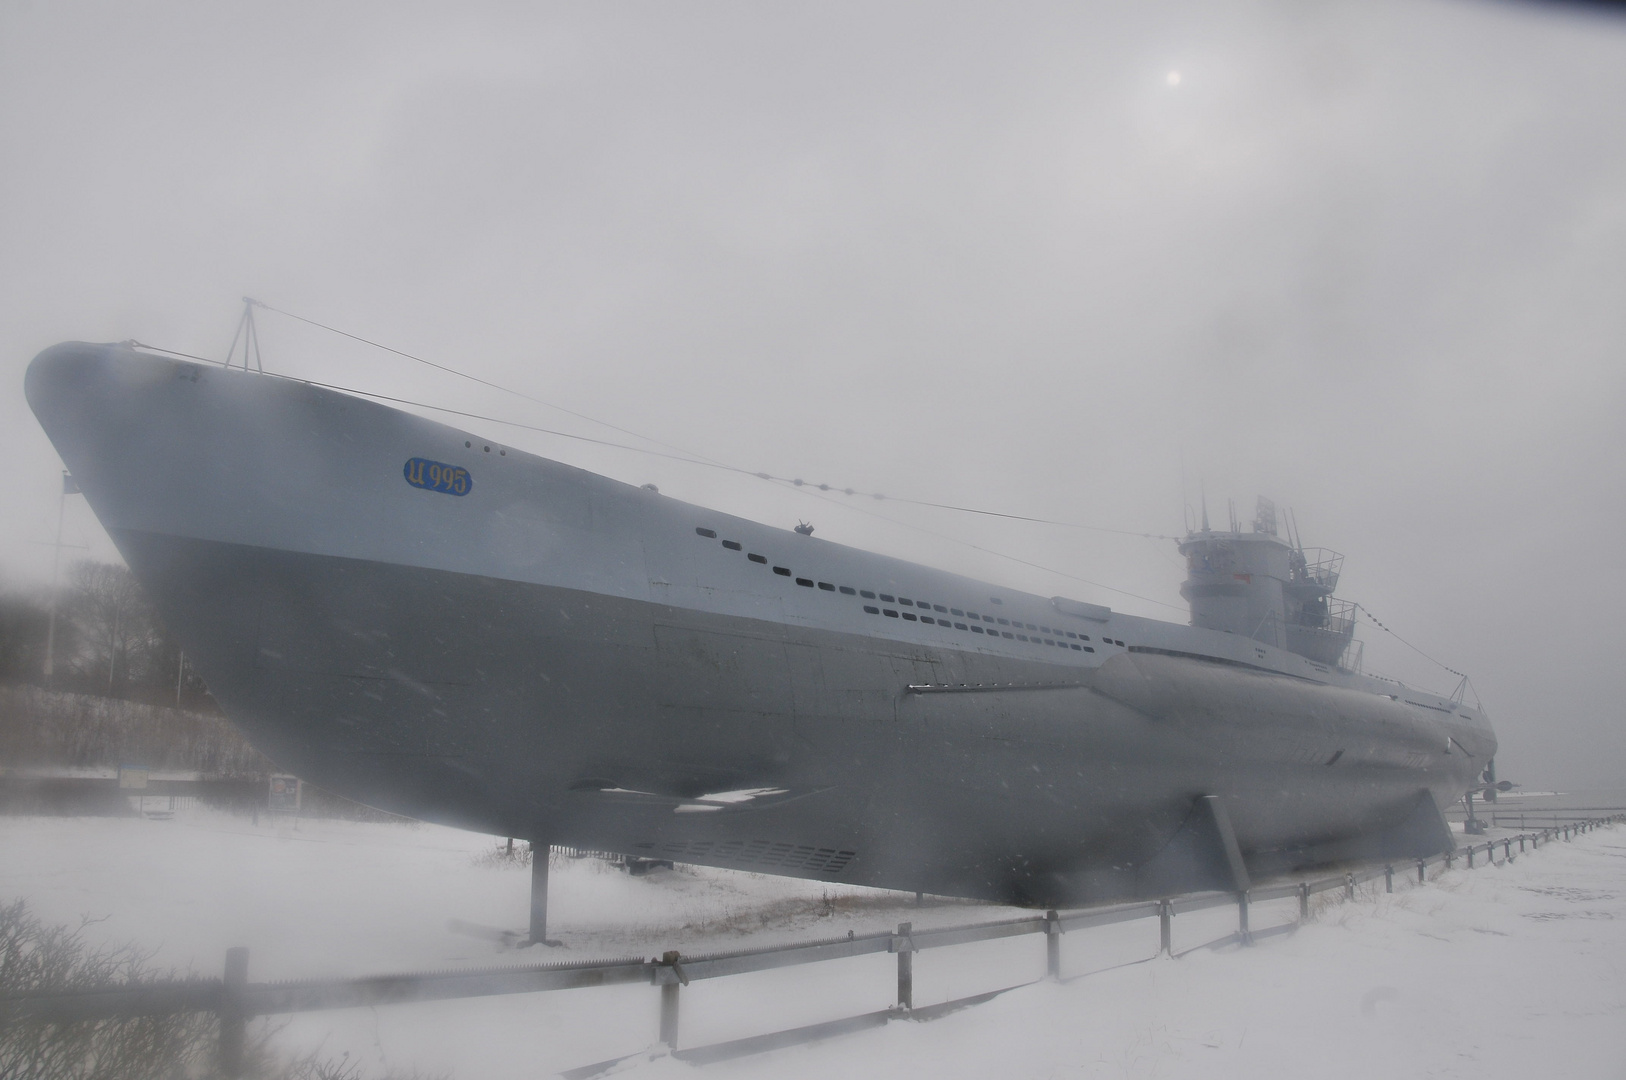 U 995 in Laboe